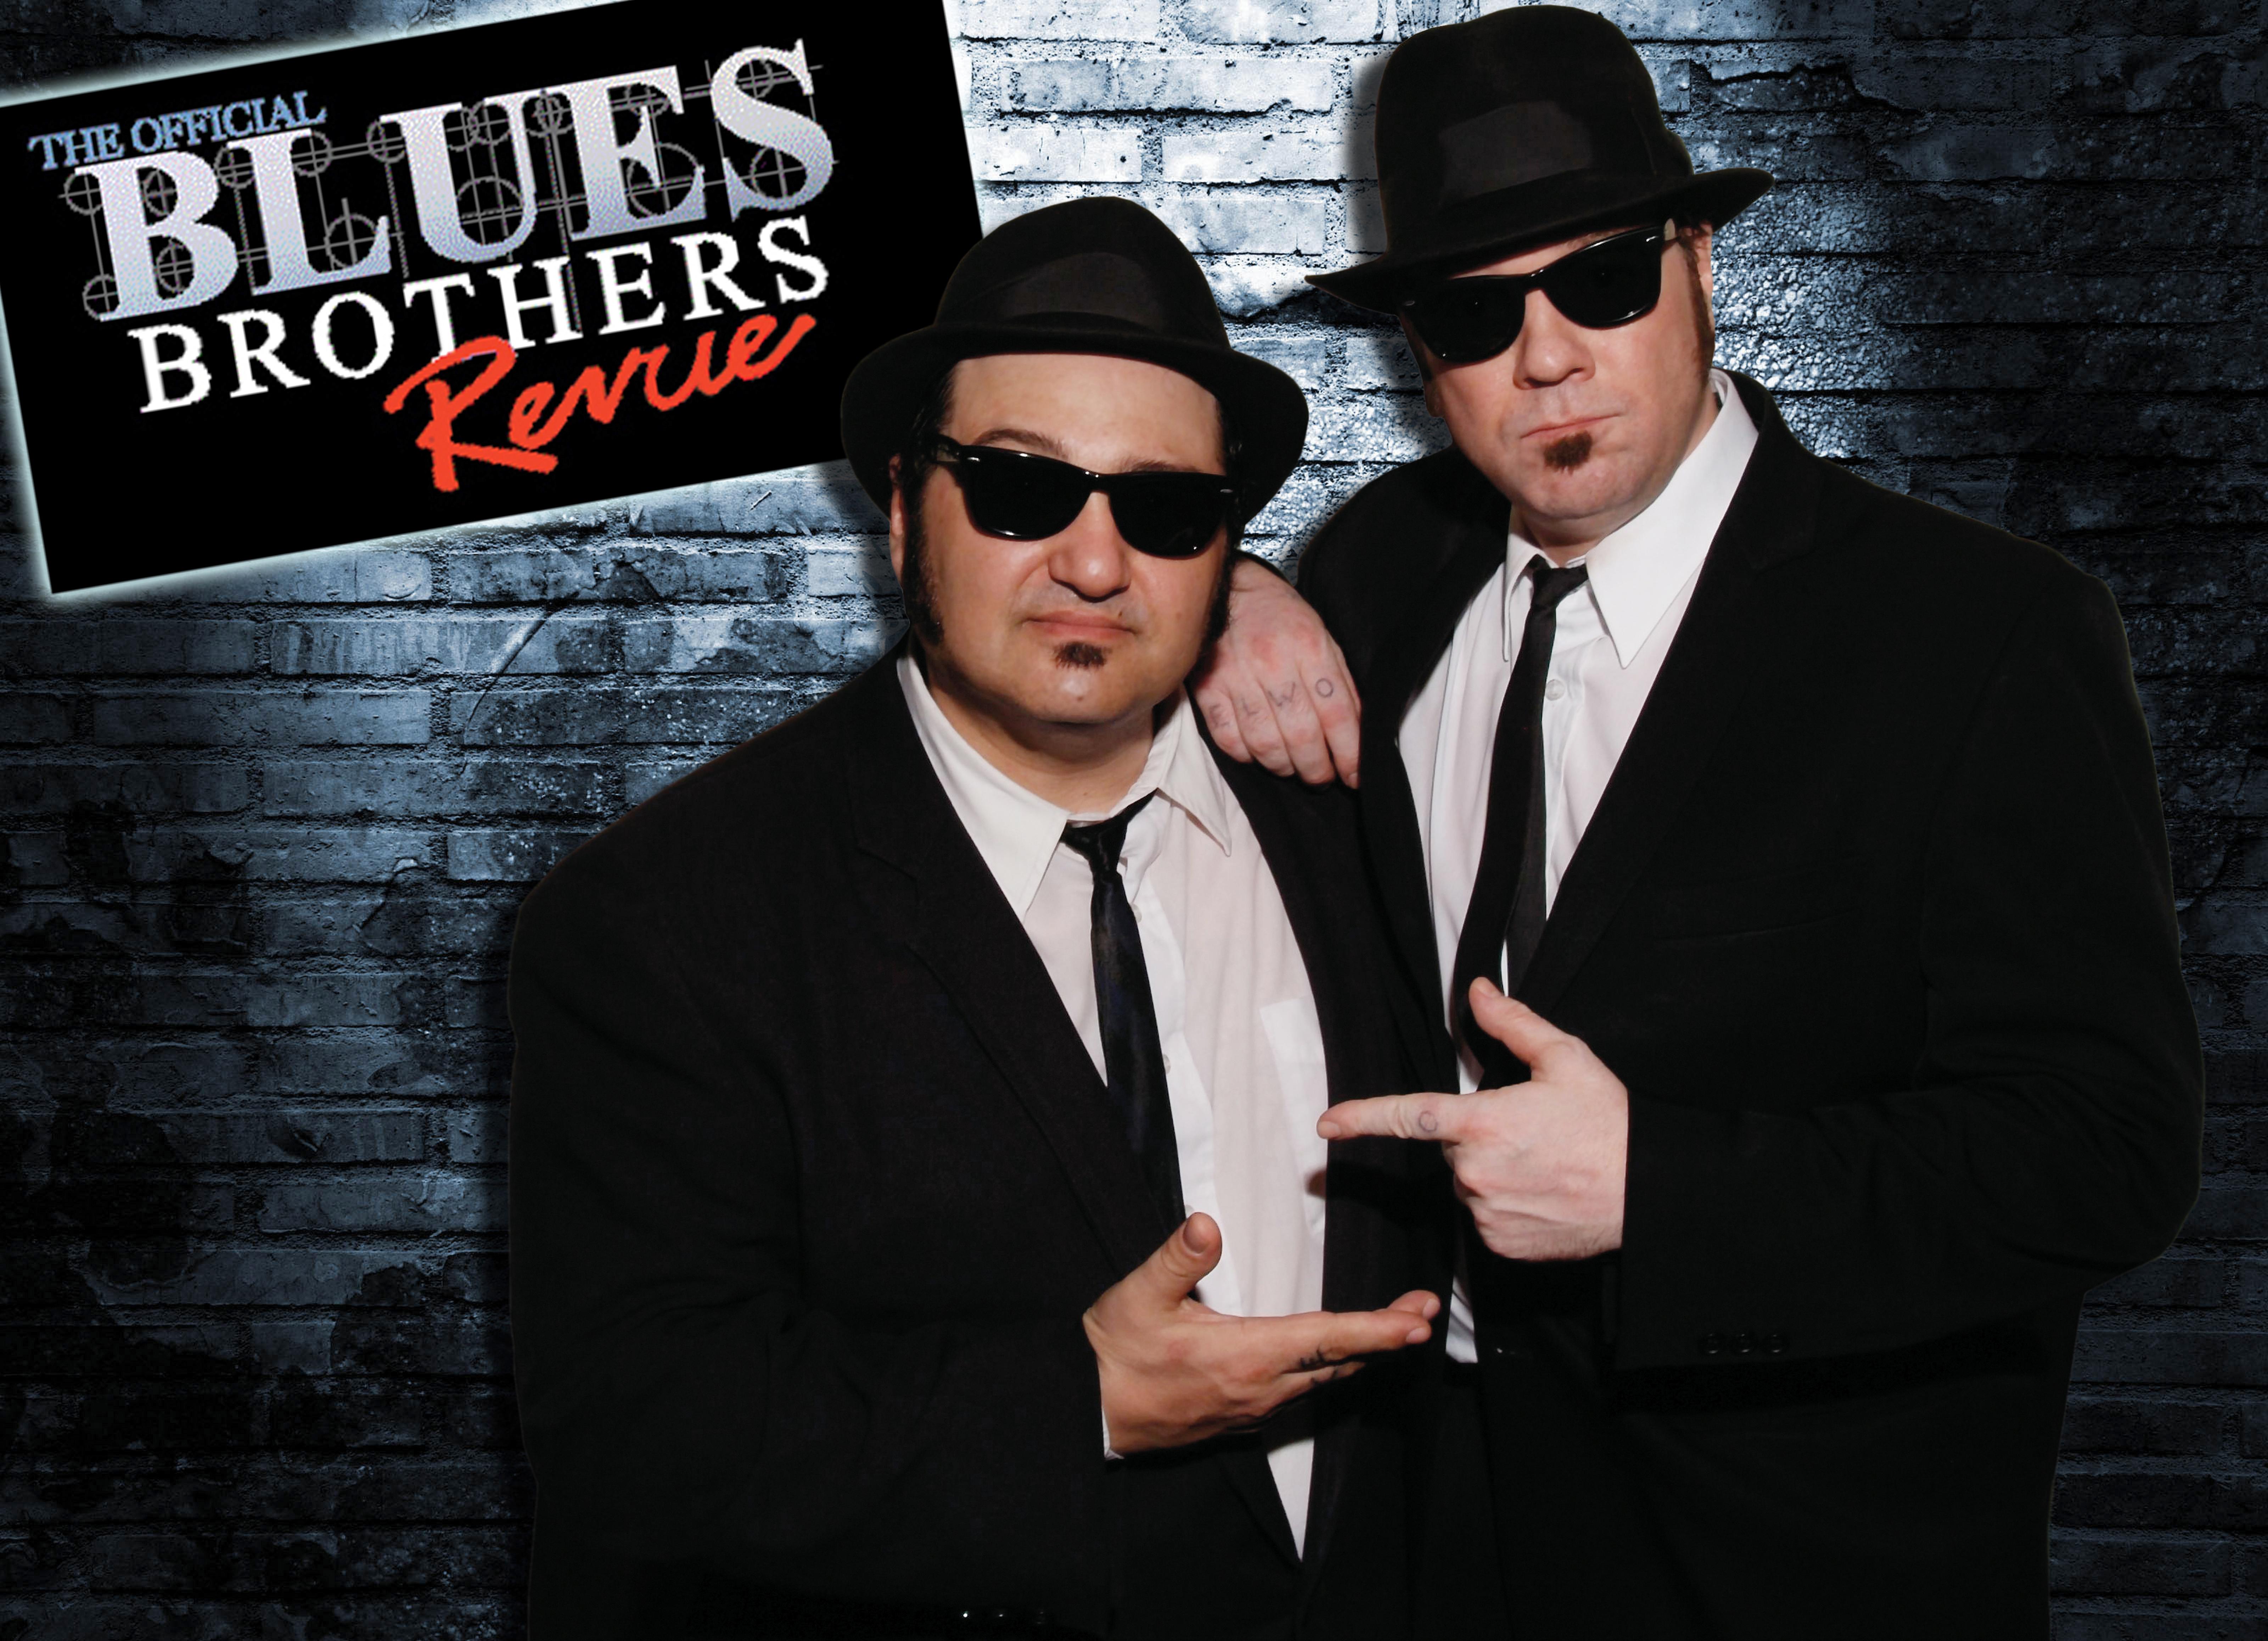 ccda88ba6 Official Blues Brothers Revue - SRO Artists, Inc.